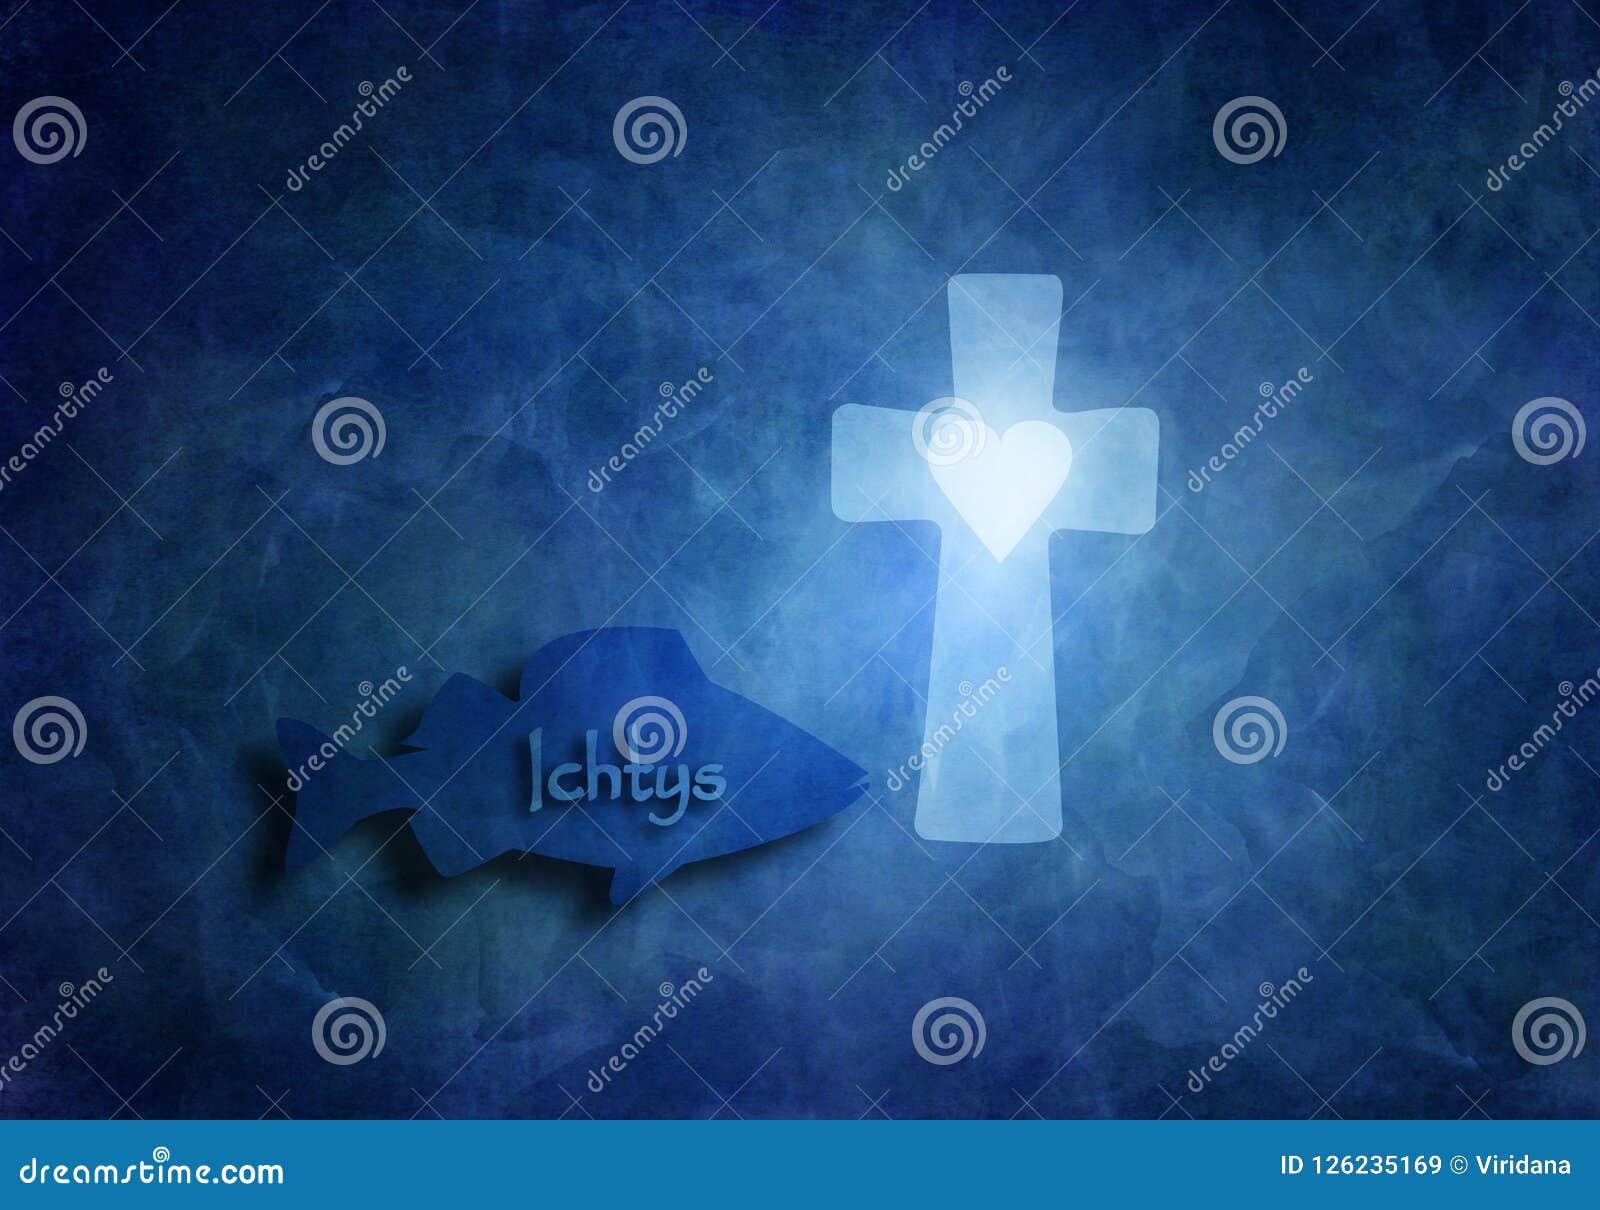 Fiska med Ichtys teckensimning i det blåa havet och ett kristet kors med en hjärta som symboliserar gudförälskelse i tider av för